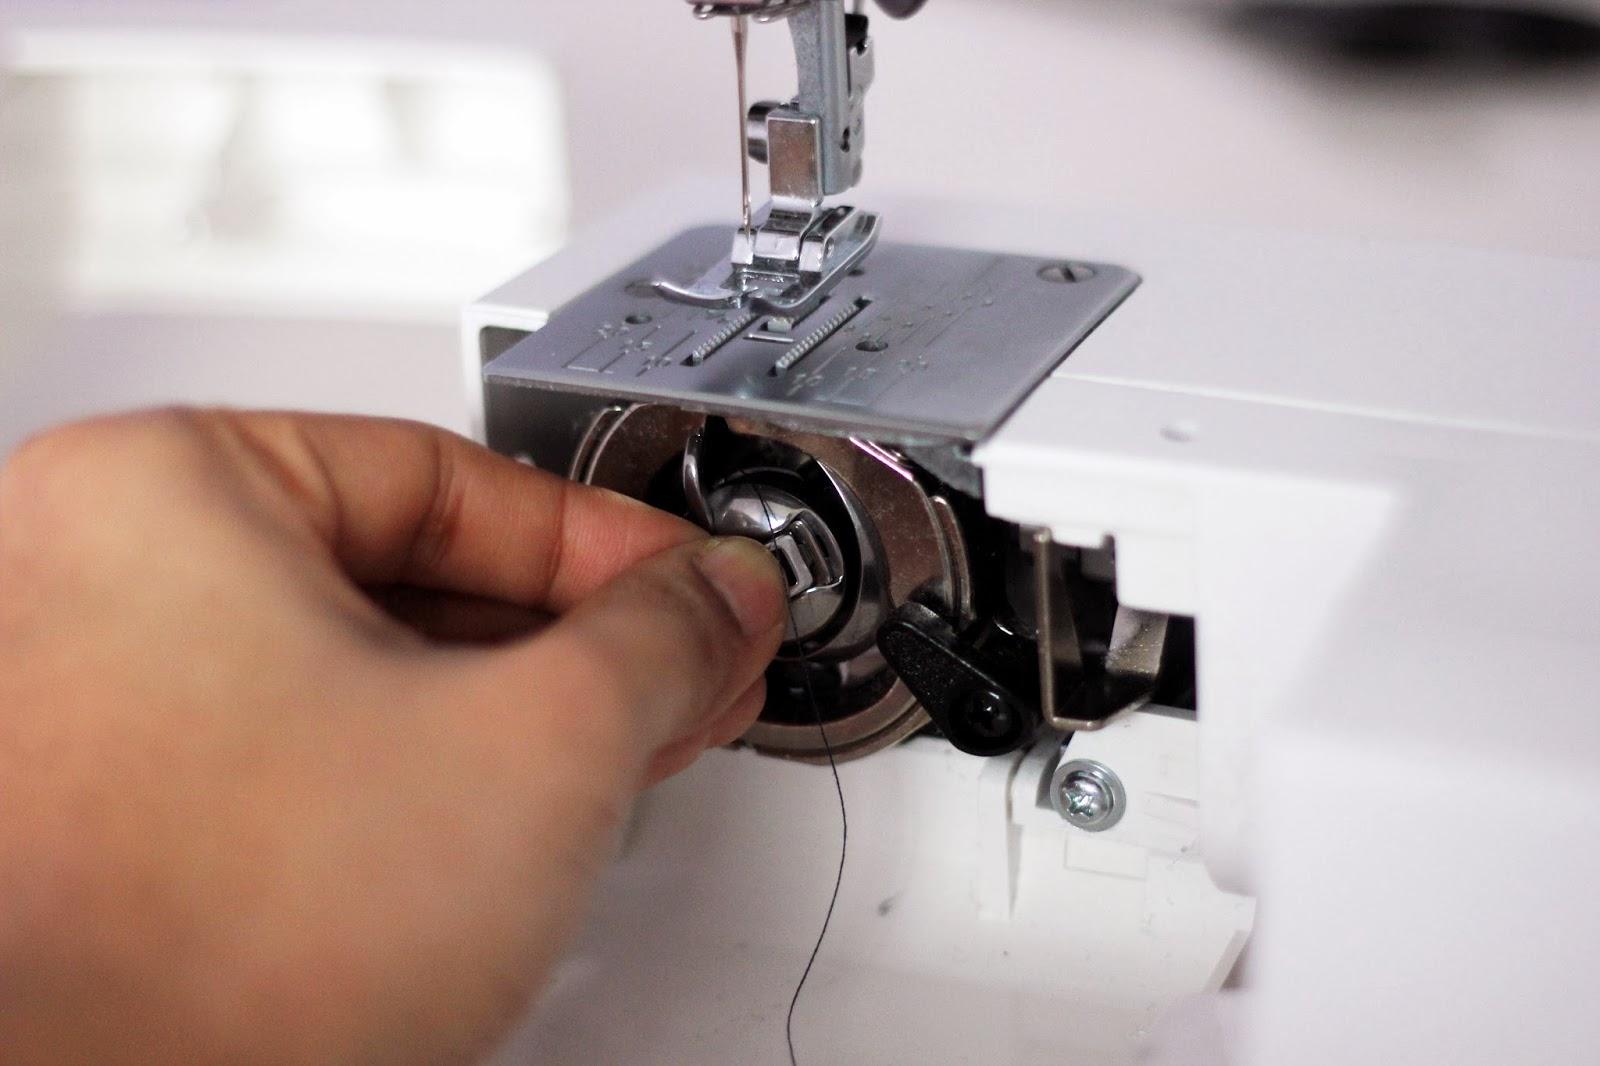 Janome how to insert bobbin in bobbin case